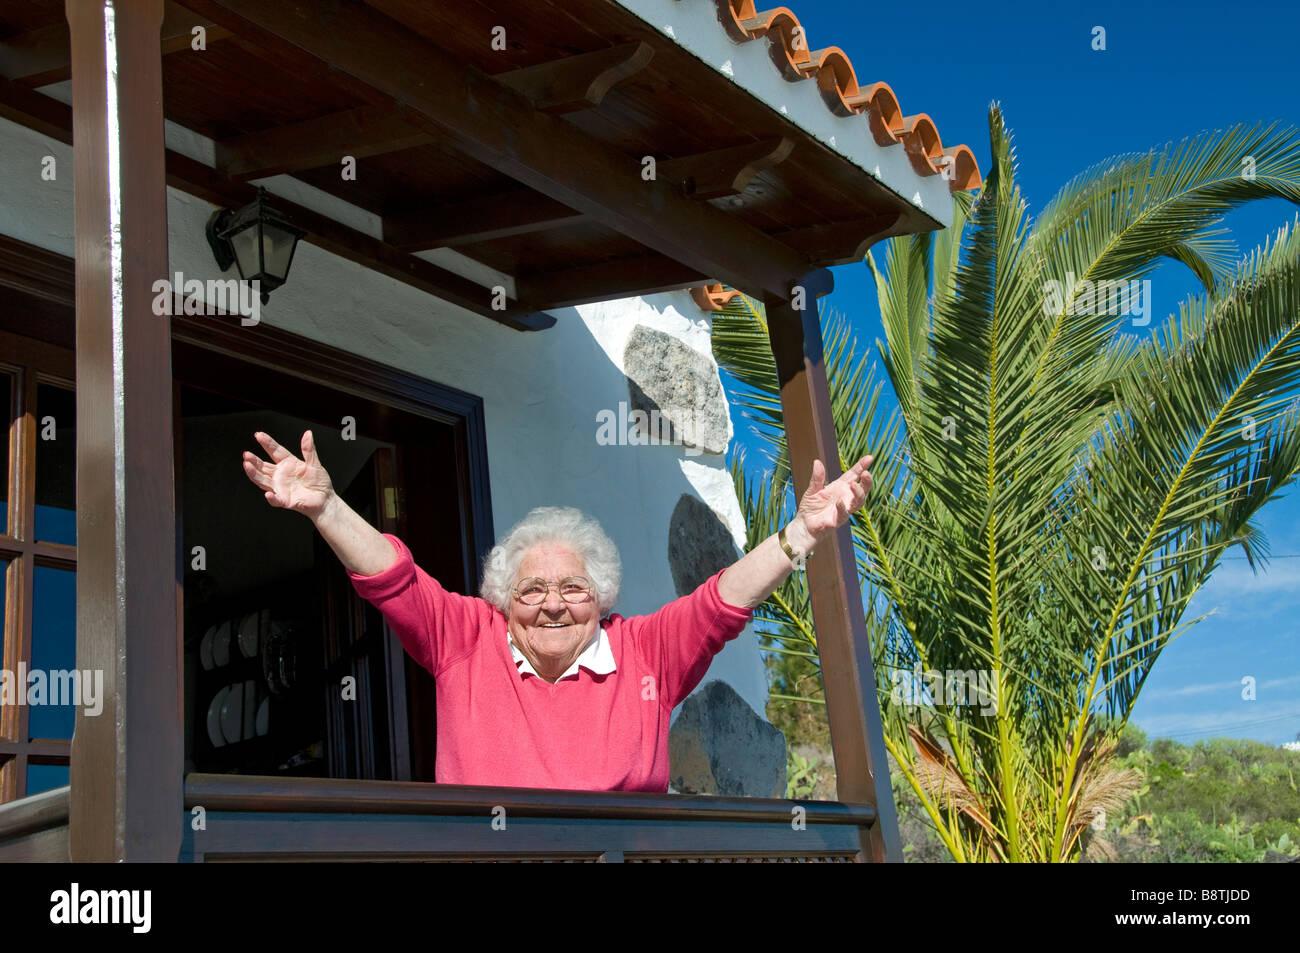 Gerne ältere Dame mit Vitalität streckt ihre Arme genießen einen Urlaub Besuch ihren sonnigen Urlaub Stockbild